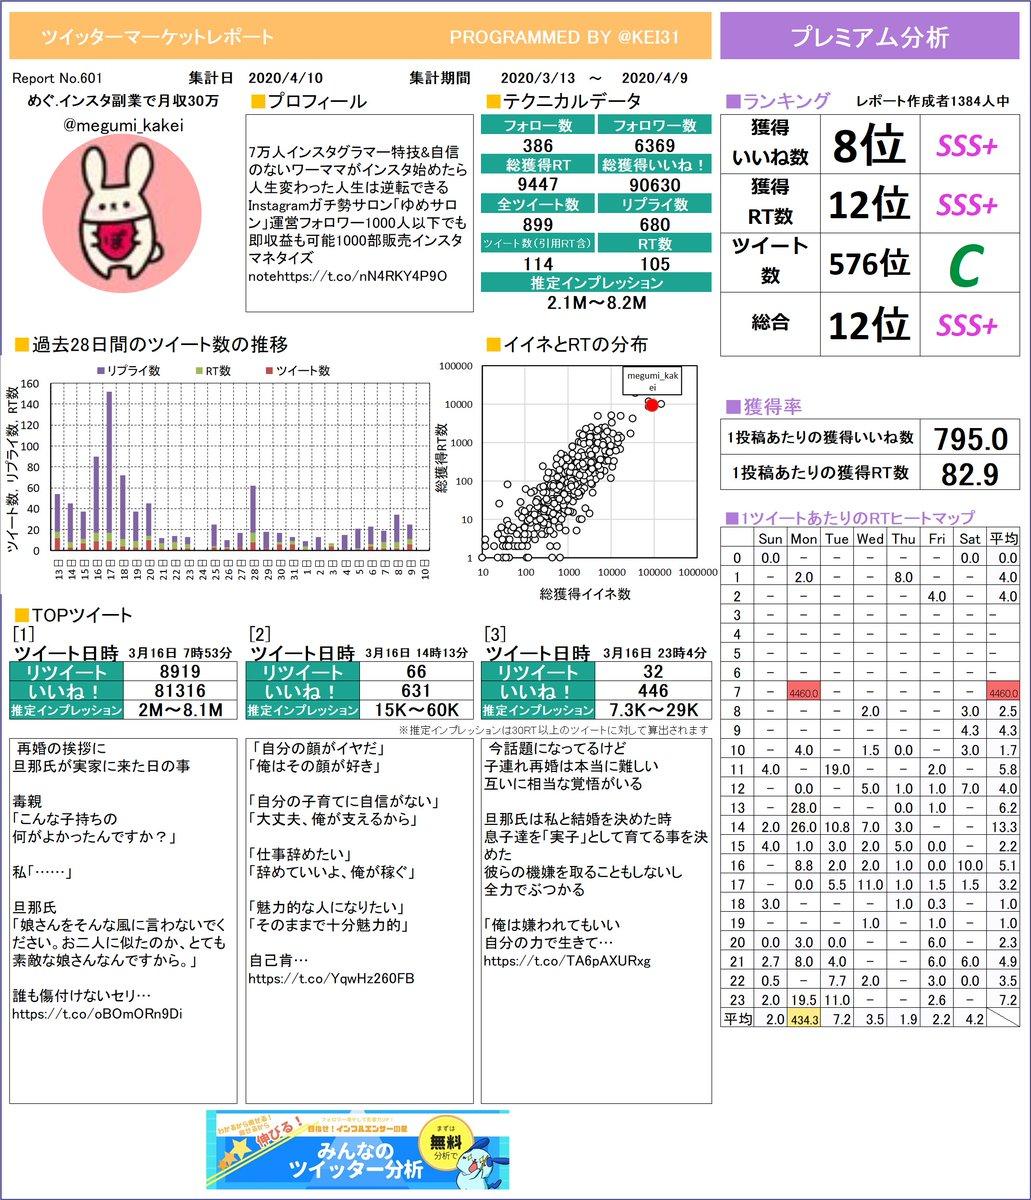 @megumi_kakei めぐ.🍓インスタ副業で月収30さんのレポートができました!今月はどんなツイートが一番RTを多く獲得できていましたか?プレミアム版もあるよ≫